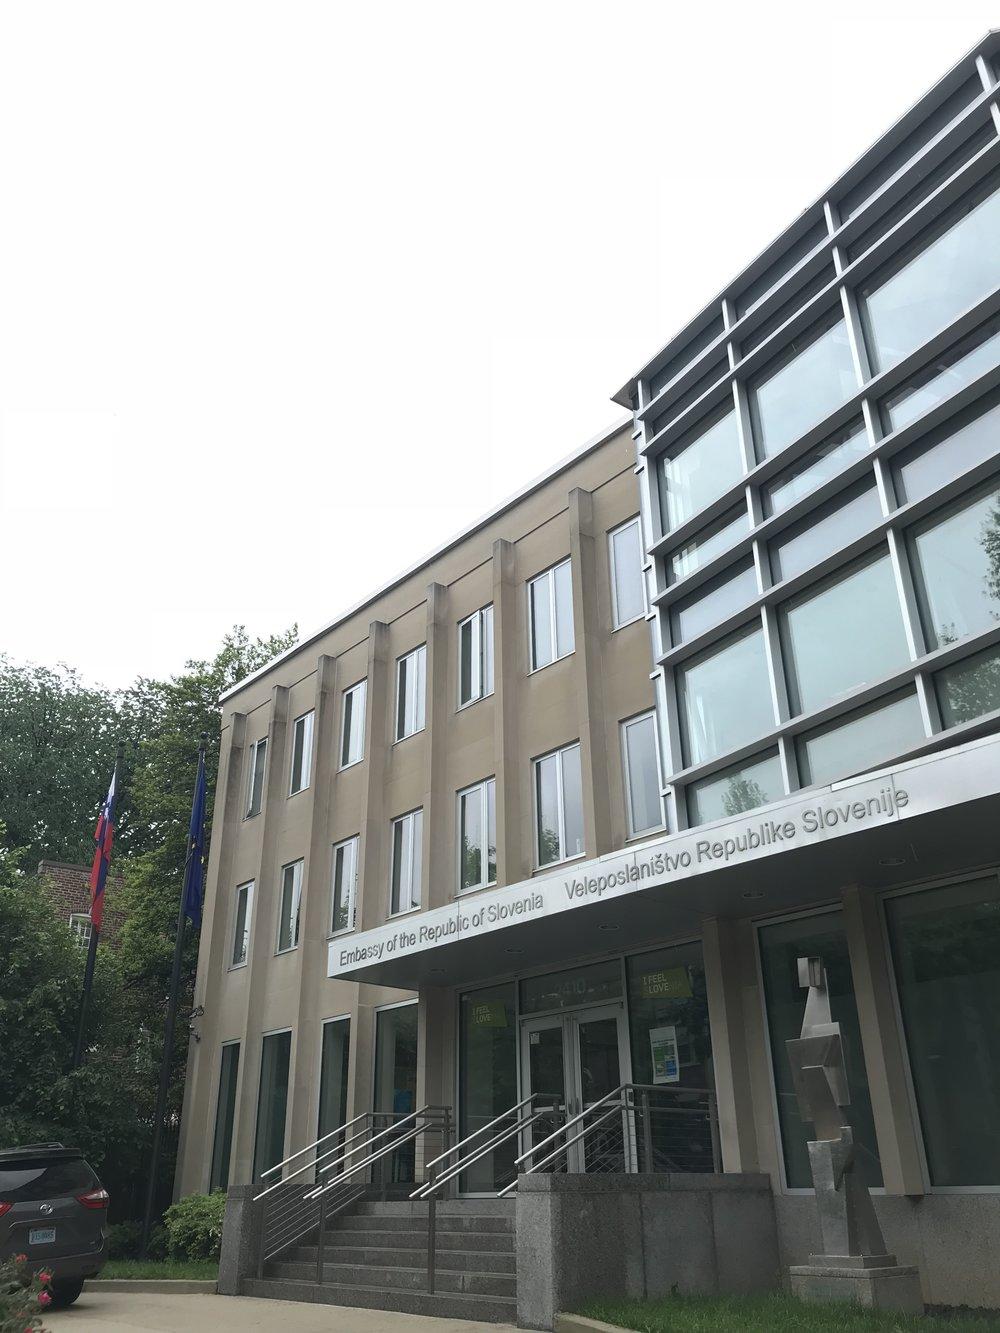 The Embassy of Slovenia.